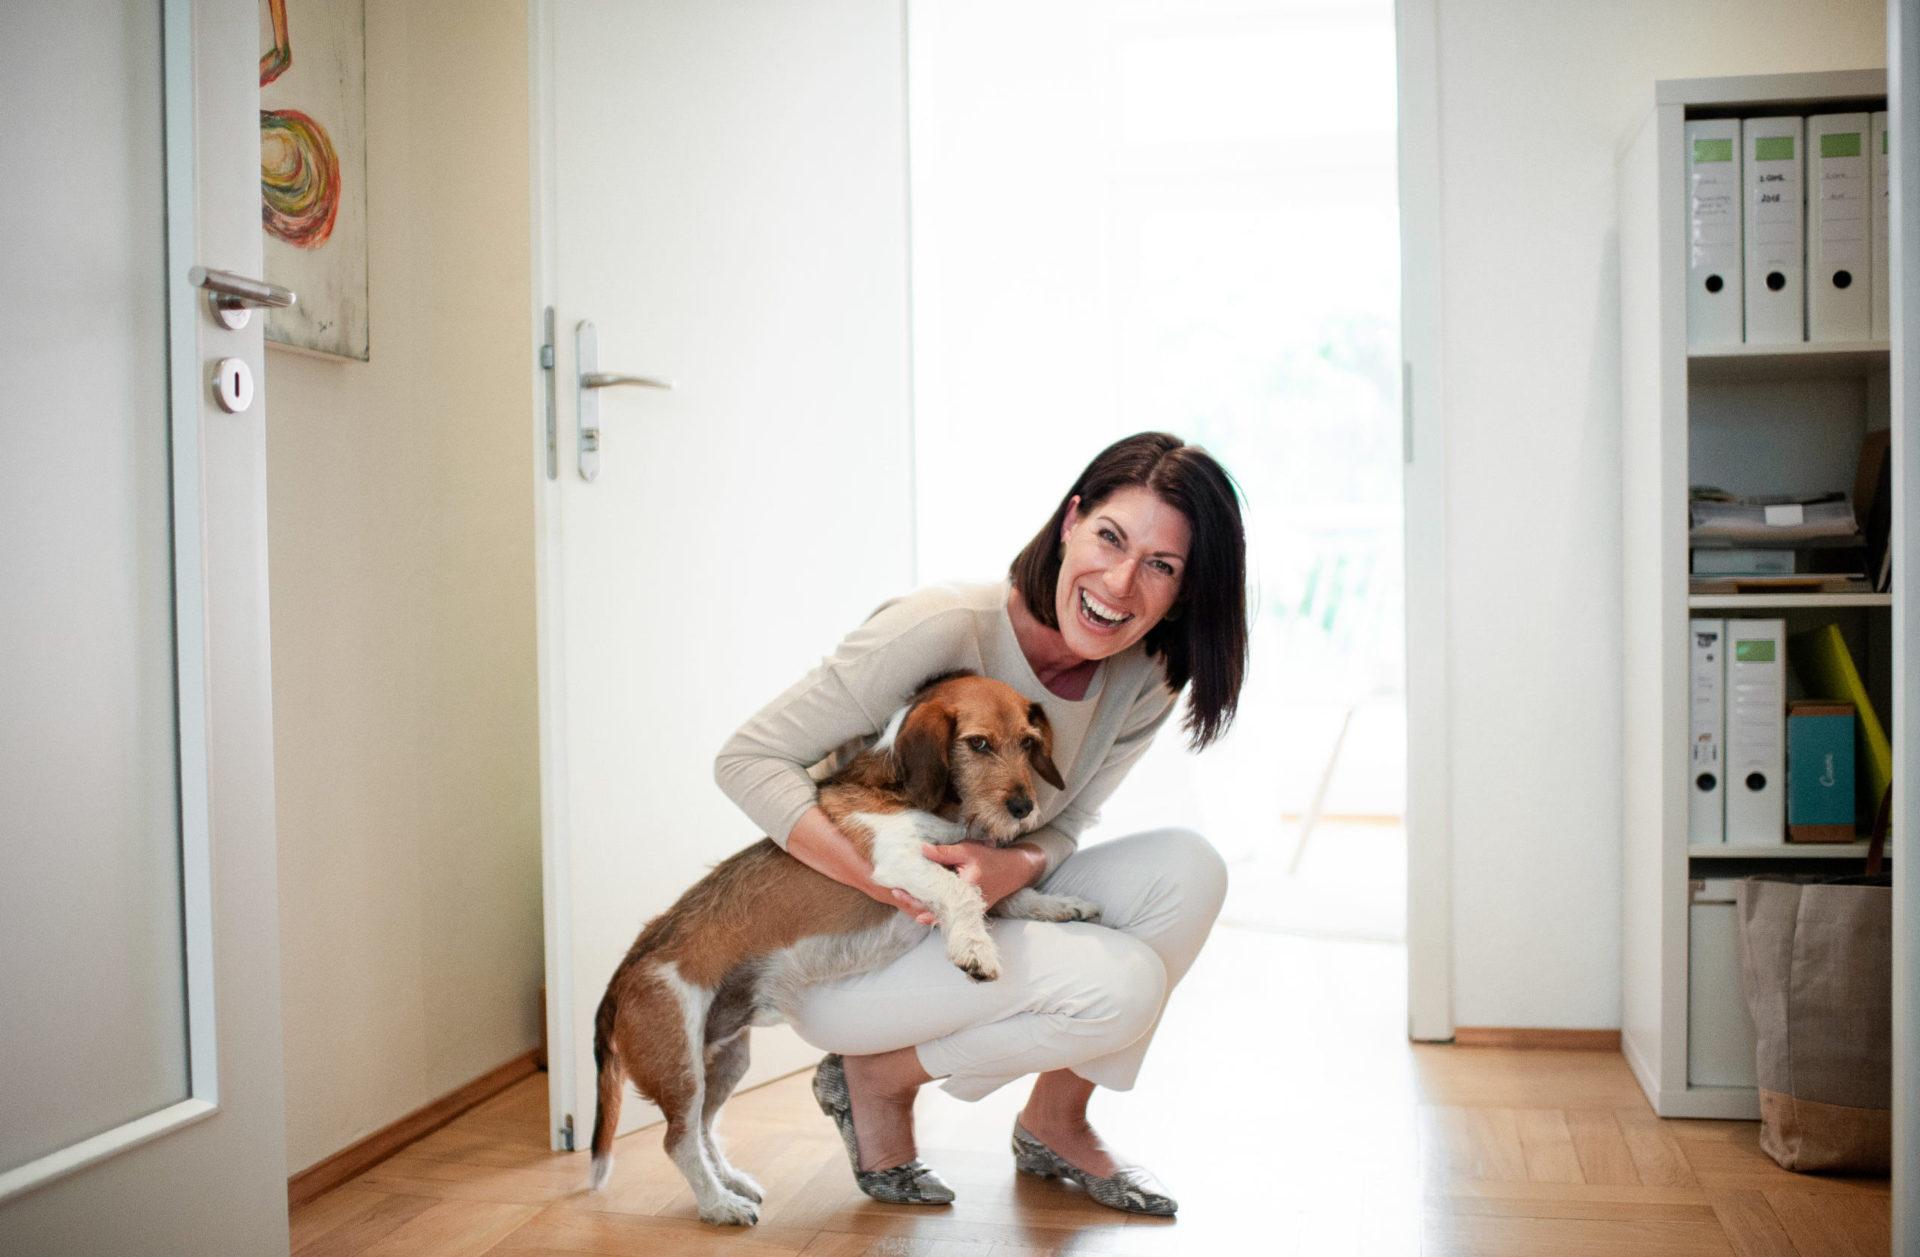 Andrea Lawlor ist hinuntergebeugt und hält ihren Hund Jeff im Arm, der das mit einem grisgrämigen Blick kommentiert